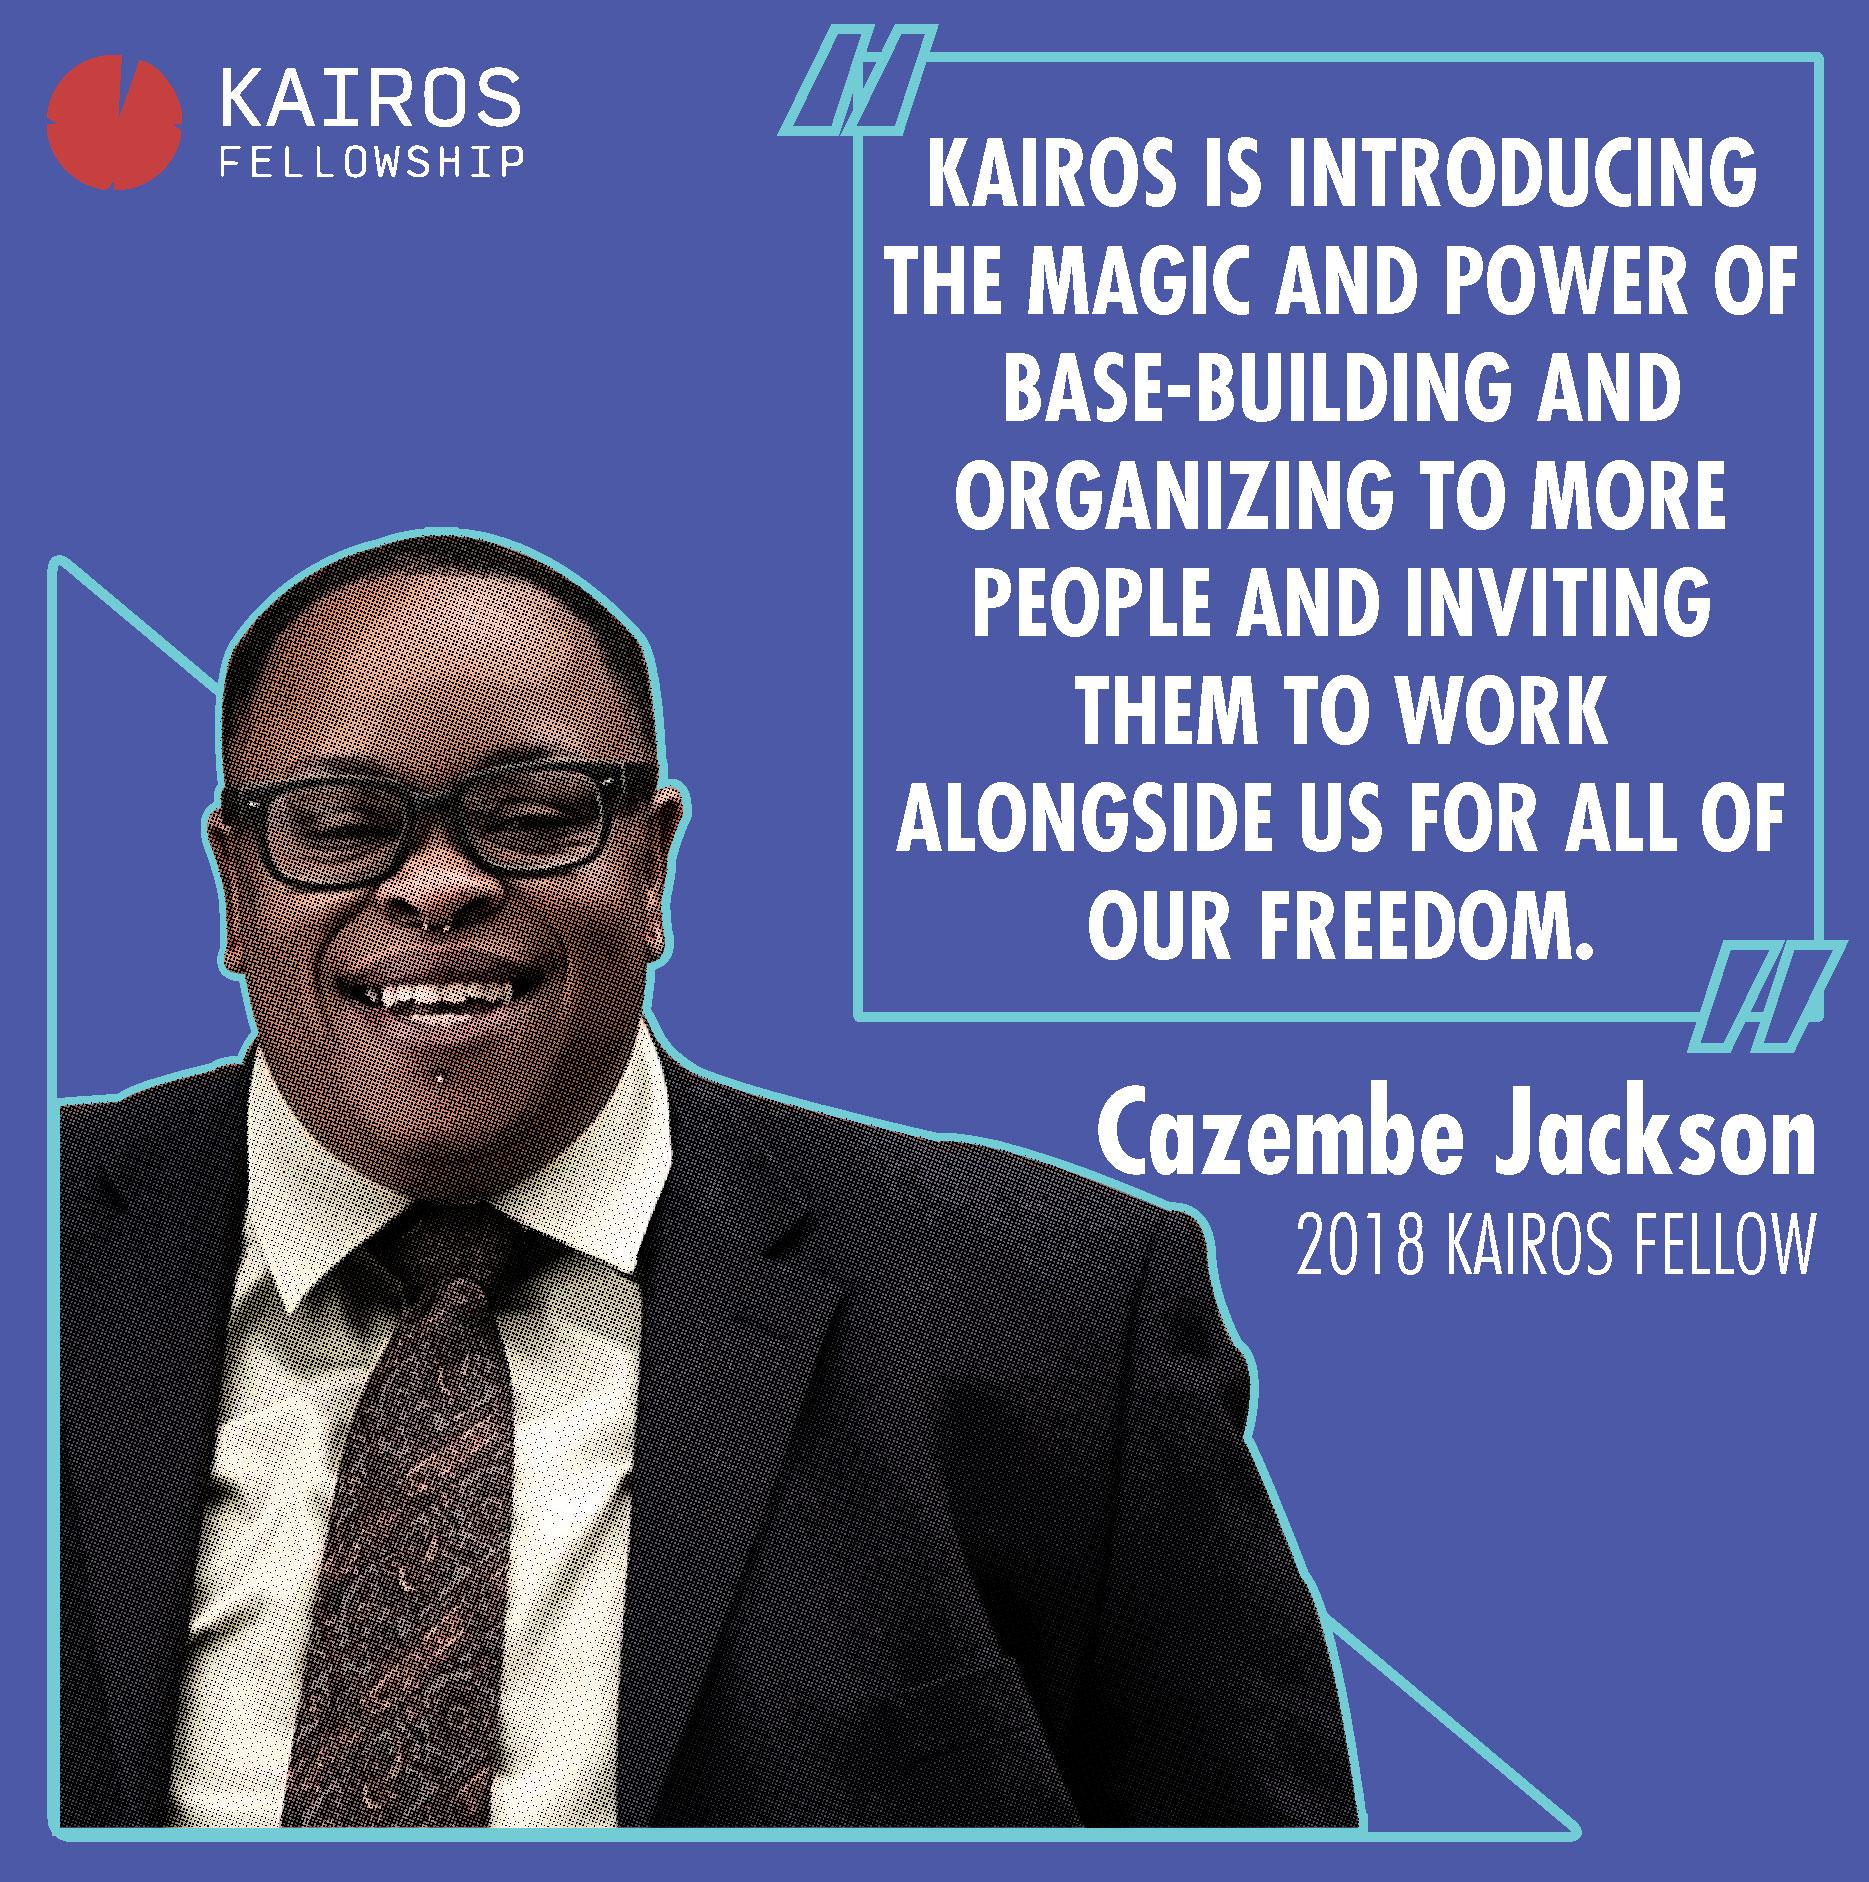 KAIROS-Profiles-Cazembe.jpg